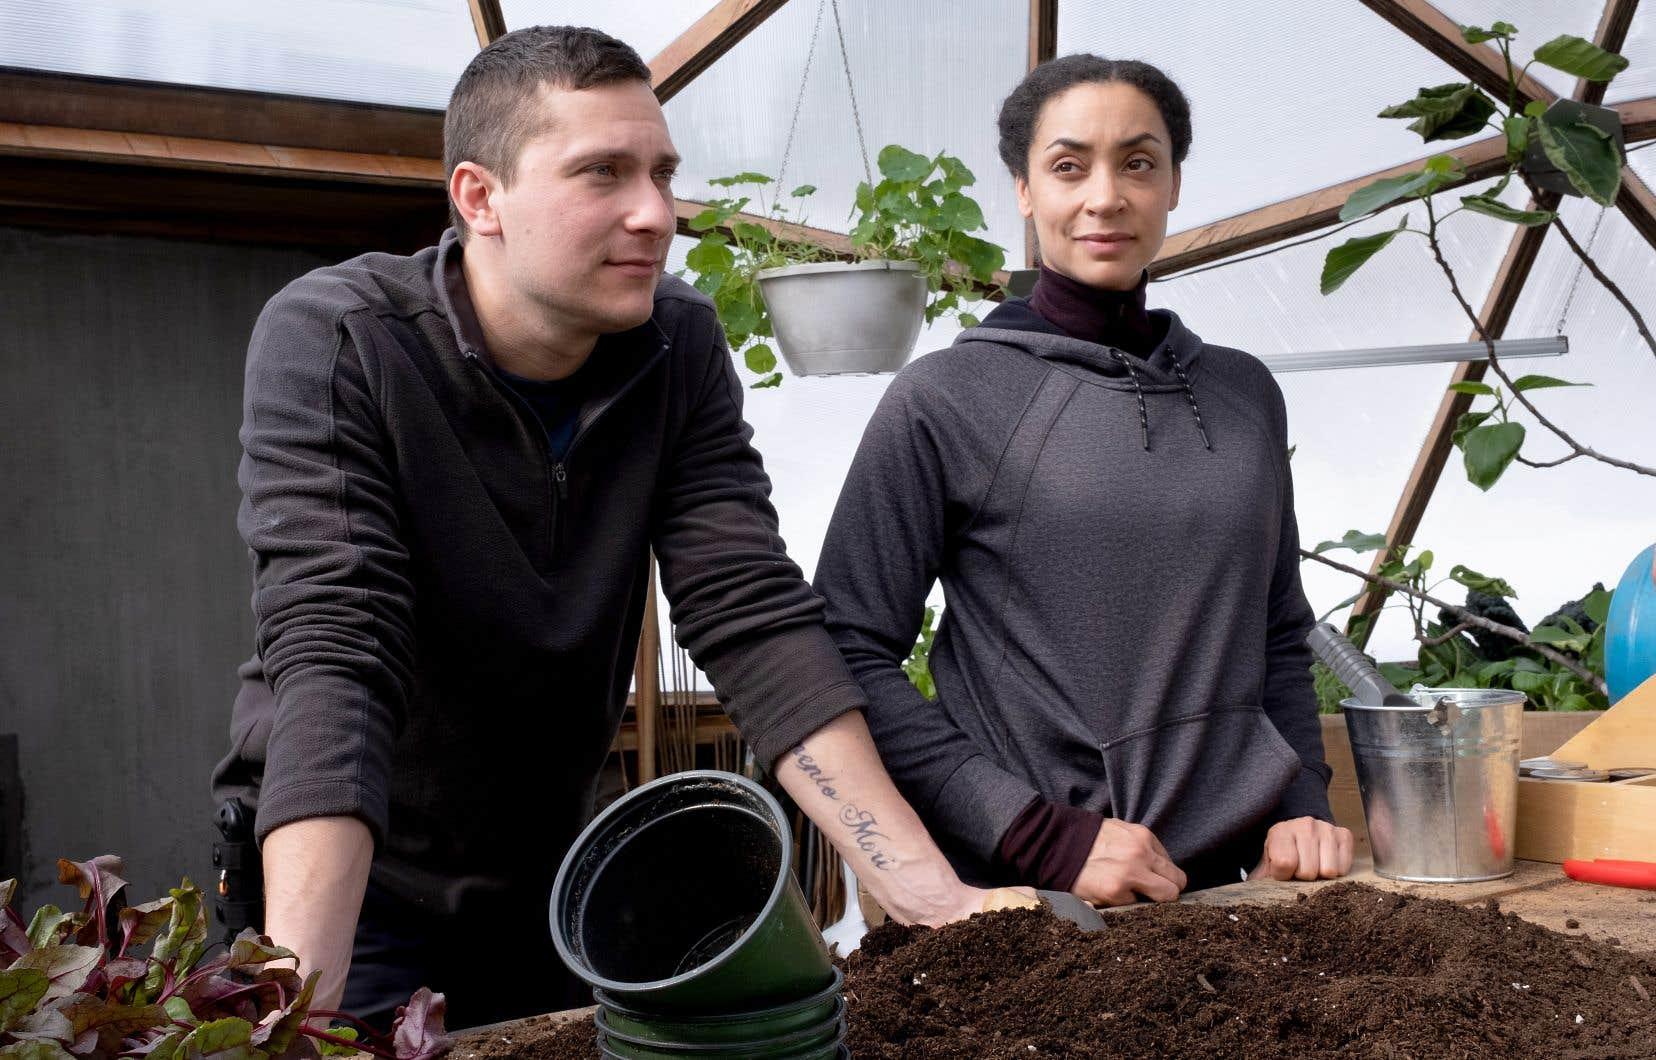 Antoine (Guillaume Laurin) et Rachel (Marie-Evelyne Lessard), qui se rencontrent dans un camp de survivalistes isolé, seront soumis à de rudes épreuves, dans «Jusqu'au déclin». Le film de Patrice Laliberté a été vu 21 millions de fois en 28 jours seulement, sur Netflix.